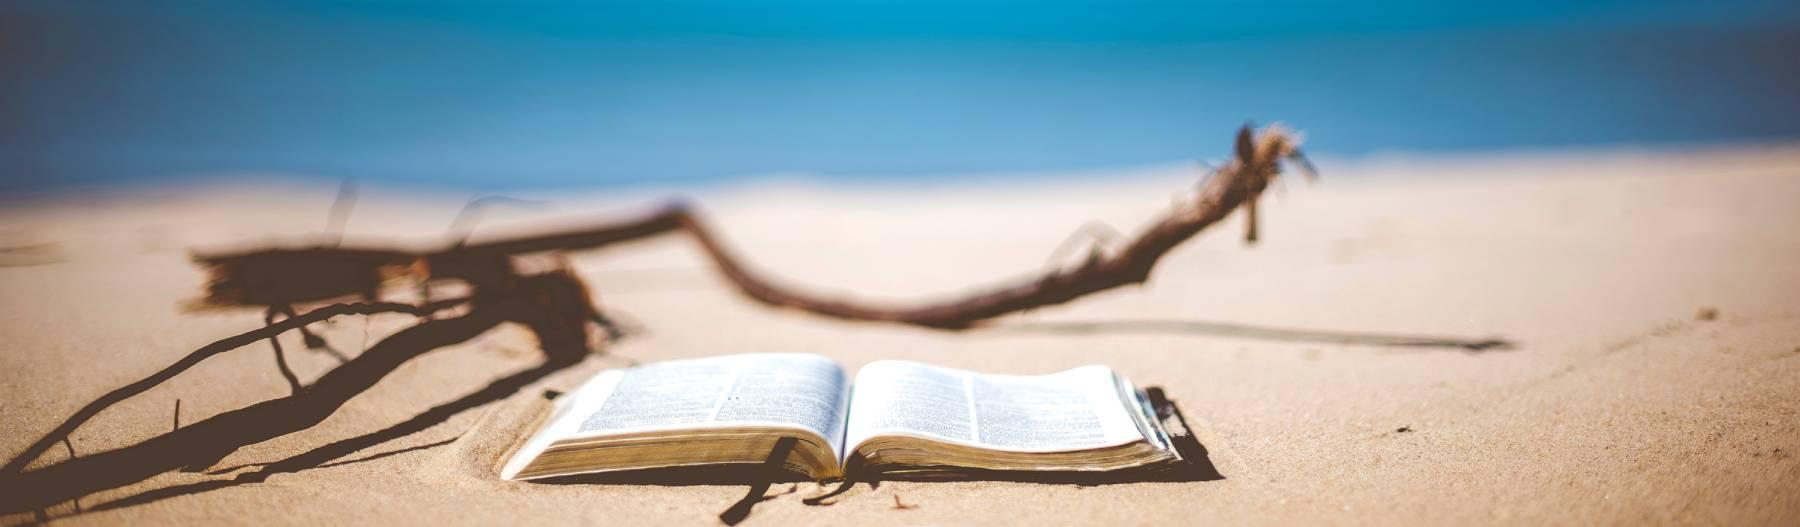 beach reading 2 - ben-white-138093-unsplash